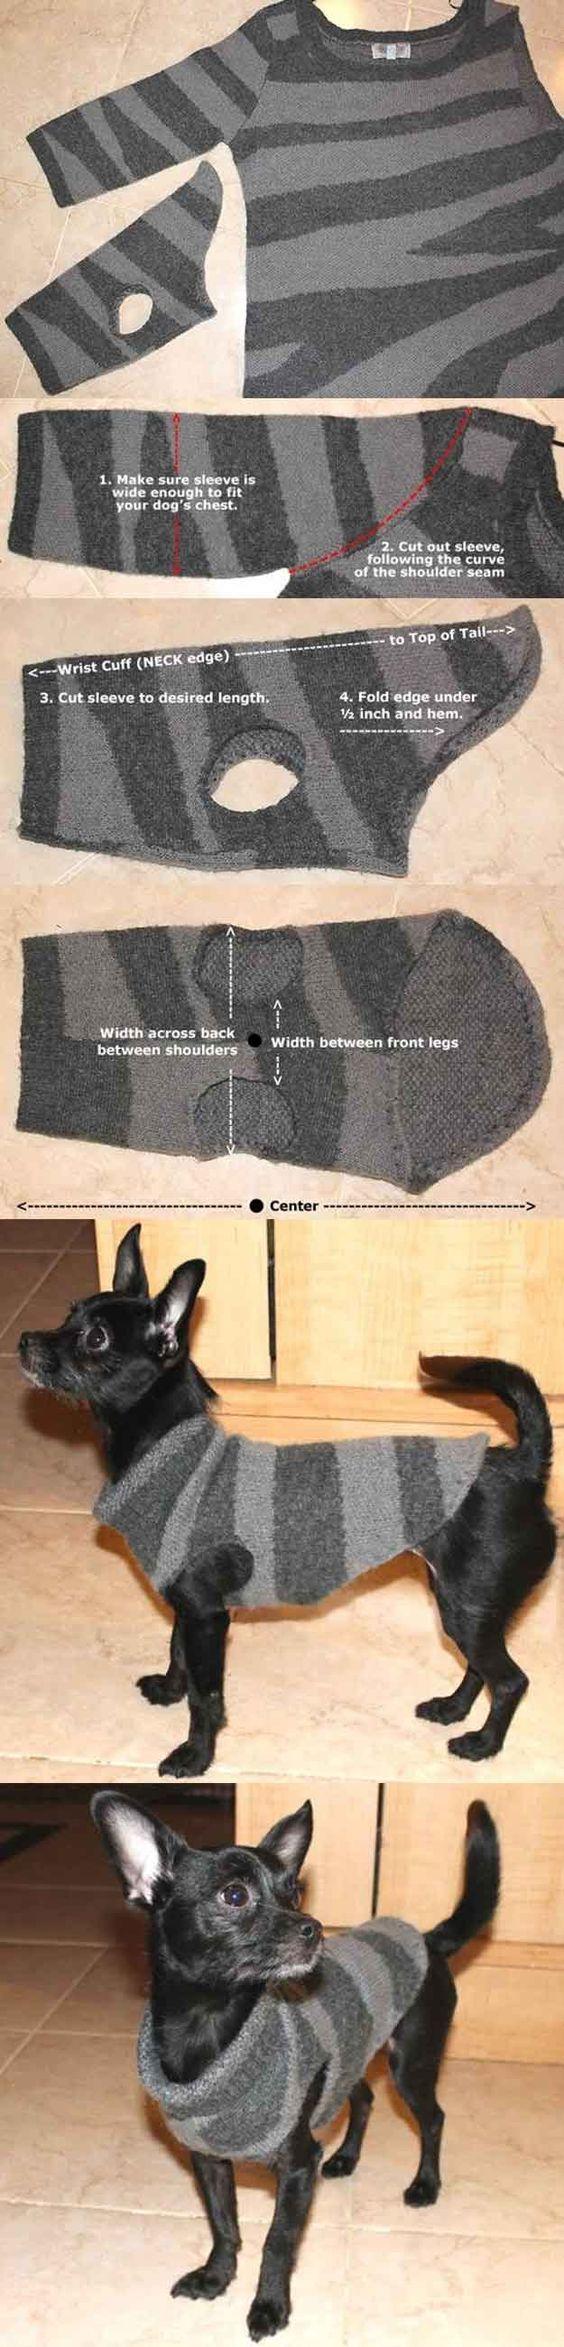 402350a948 Kutyaruha pulóverből - DIY Project